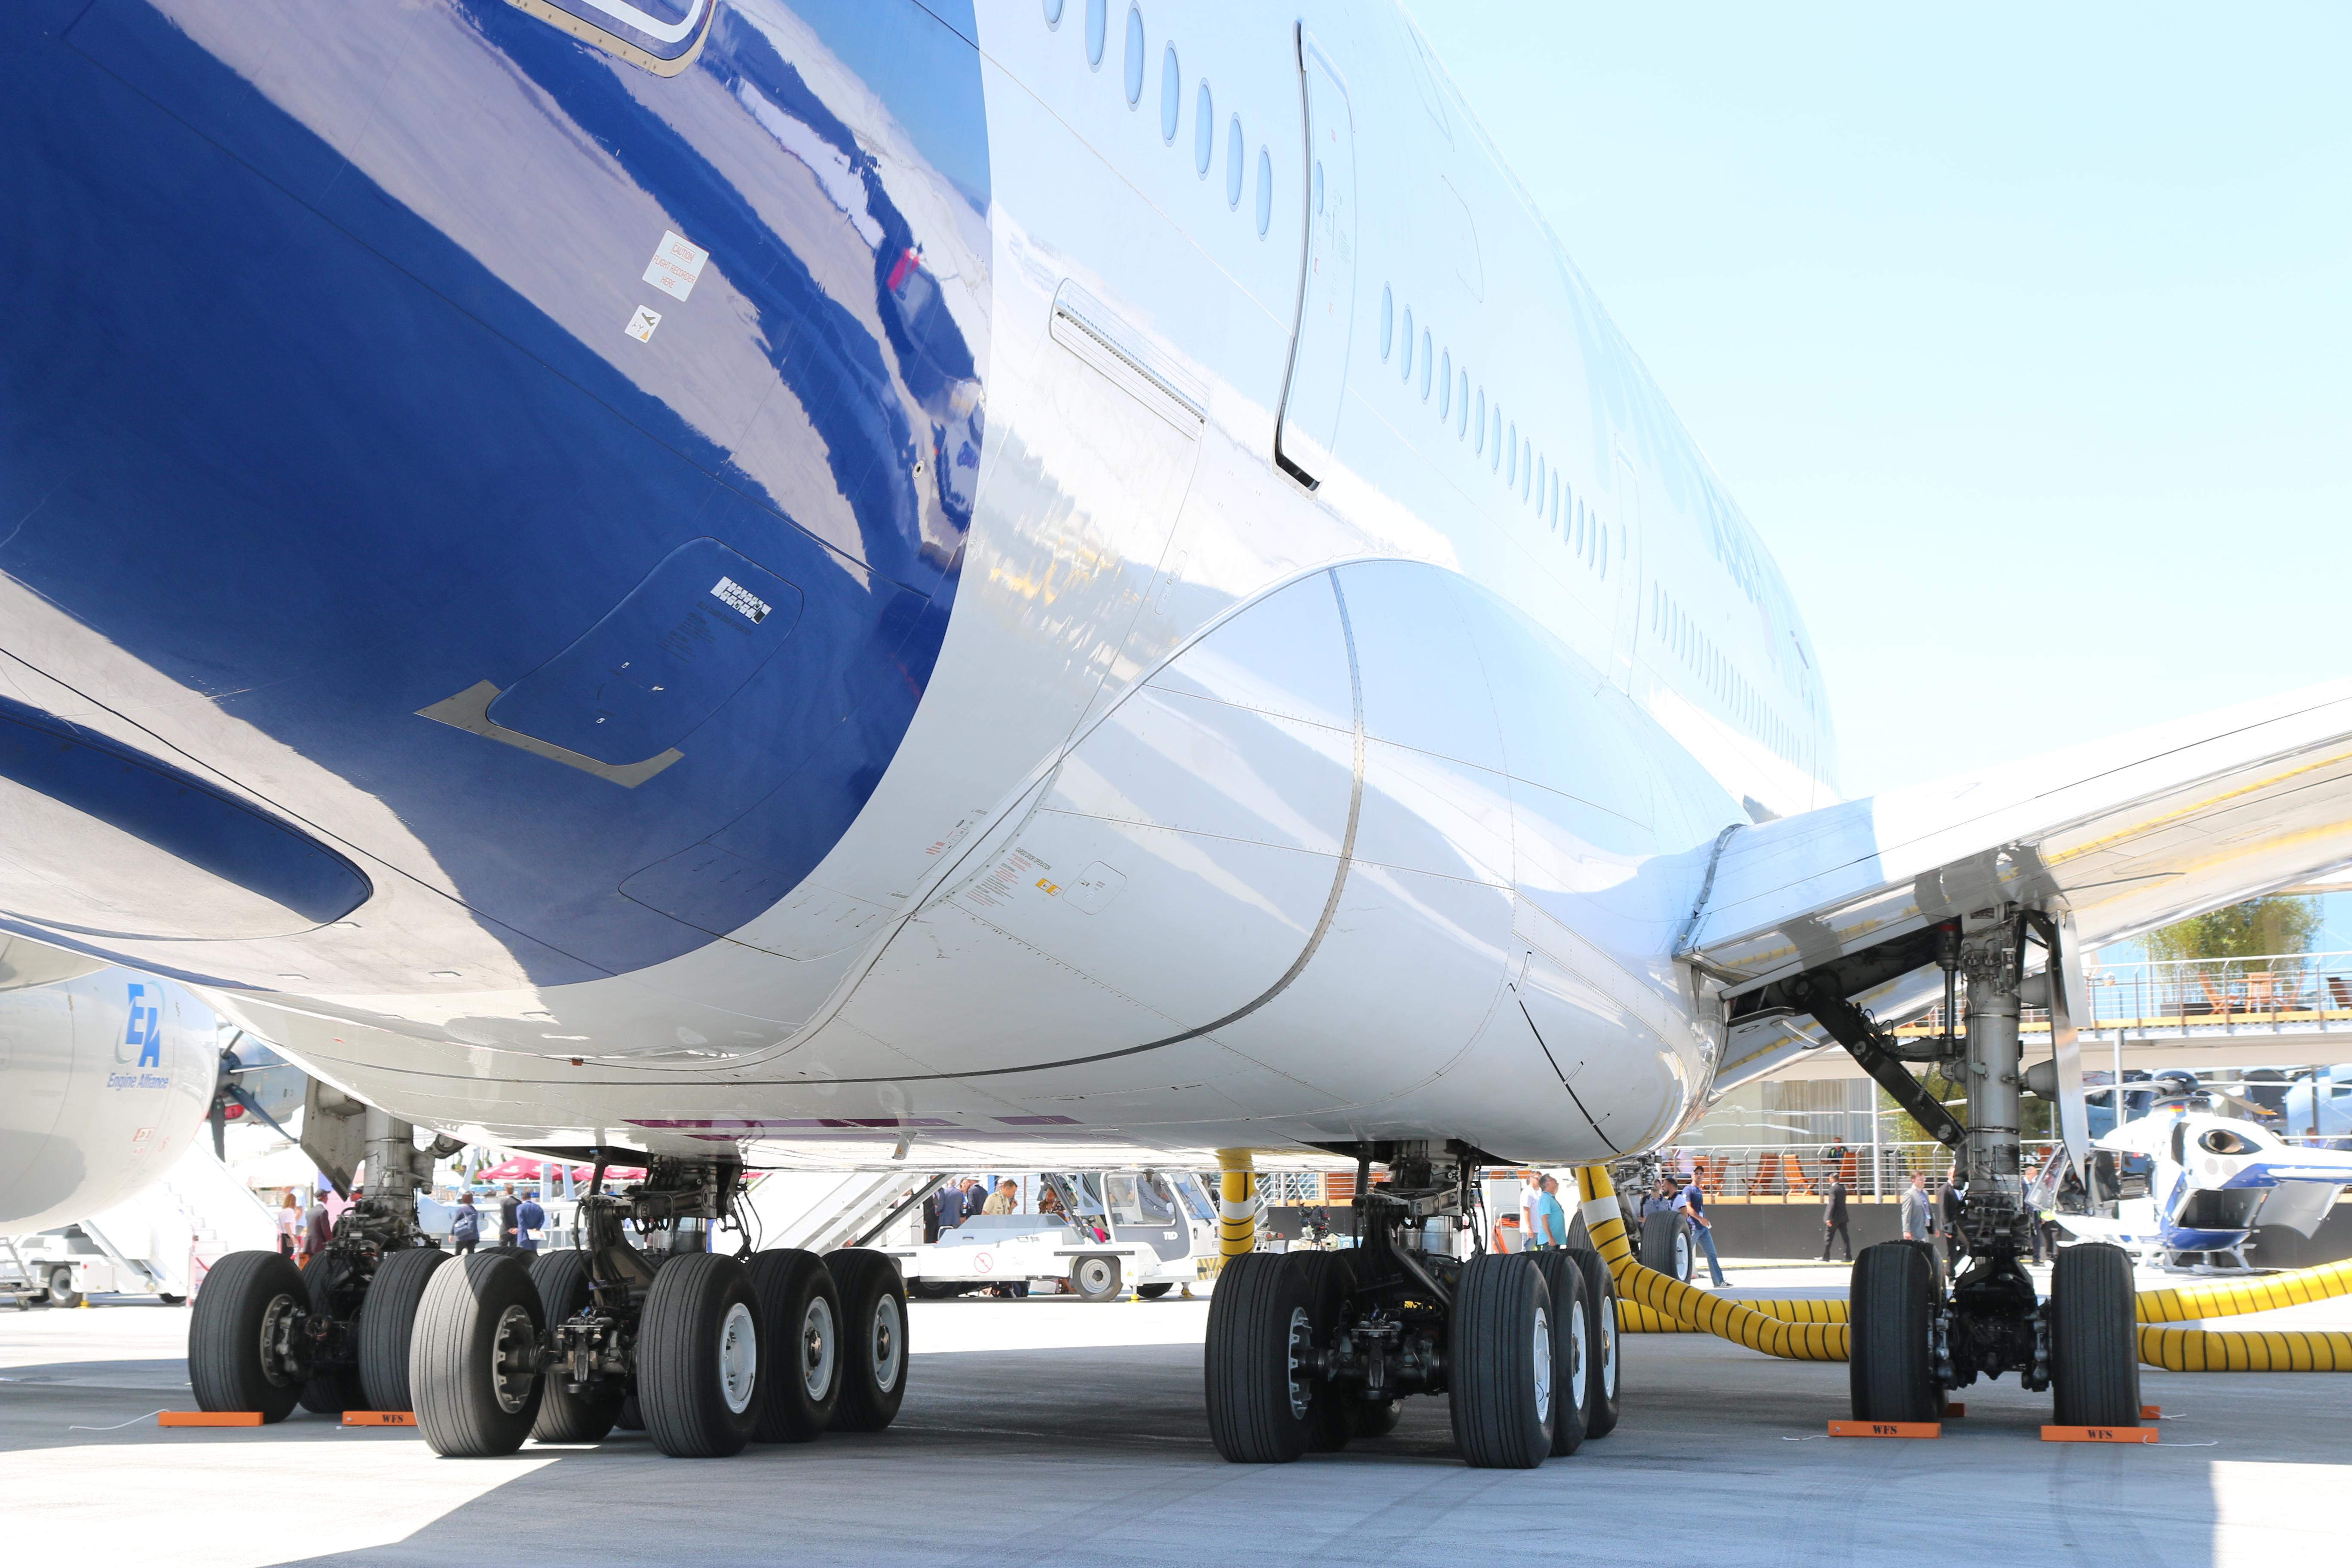 Les grandes pièces matricées pour l'Aéronautiques et l'Energie.